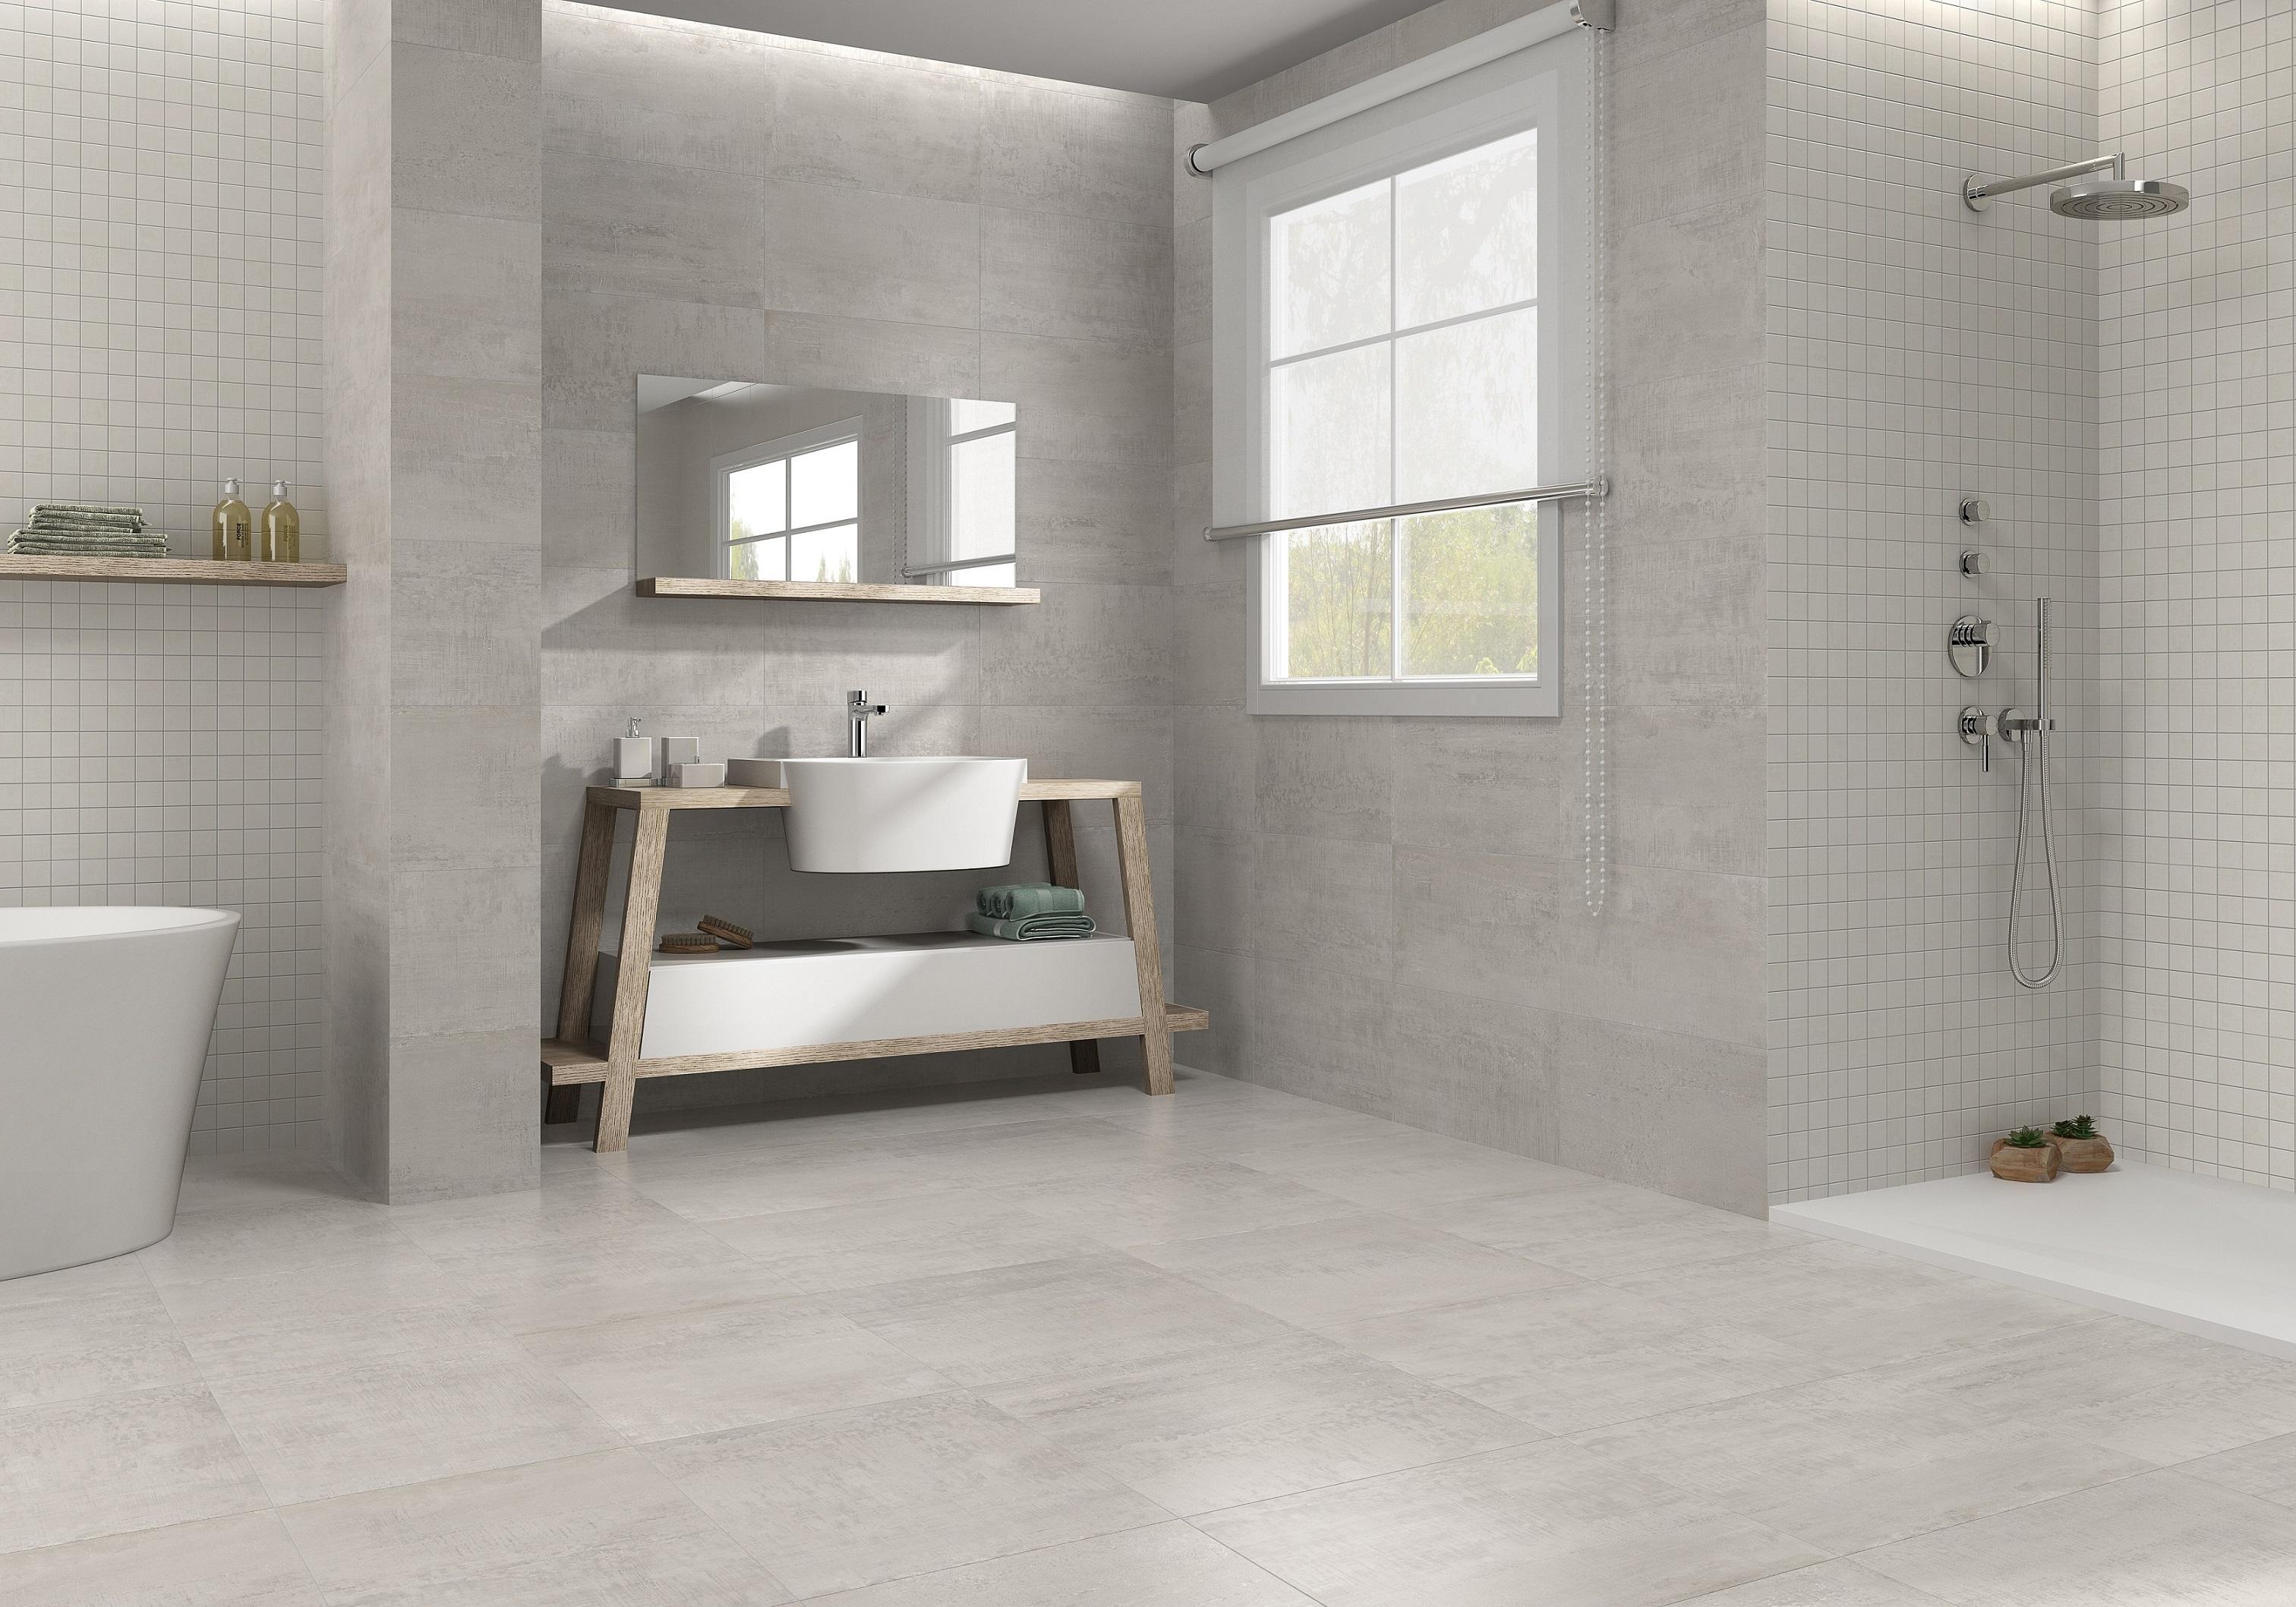 מקלחון או אמבטיה? התמונות בכתבה באדיבות חלמיש (צילום: ערן ניב) (צילום: ערן ניב)